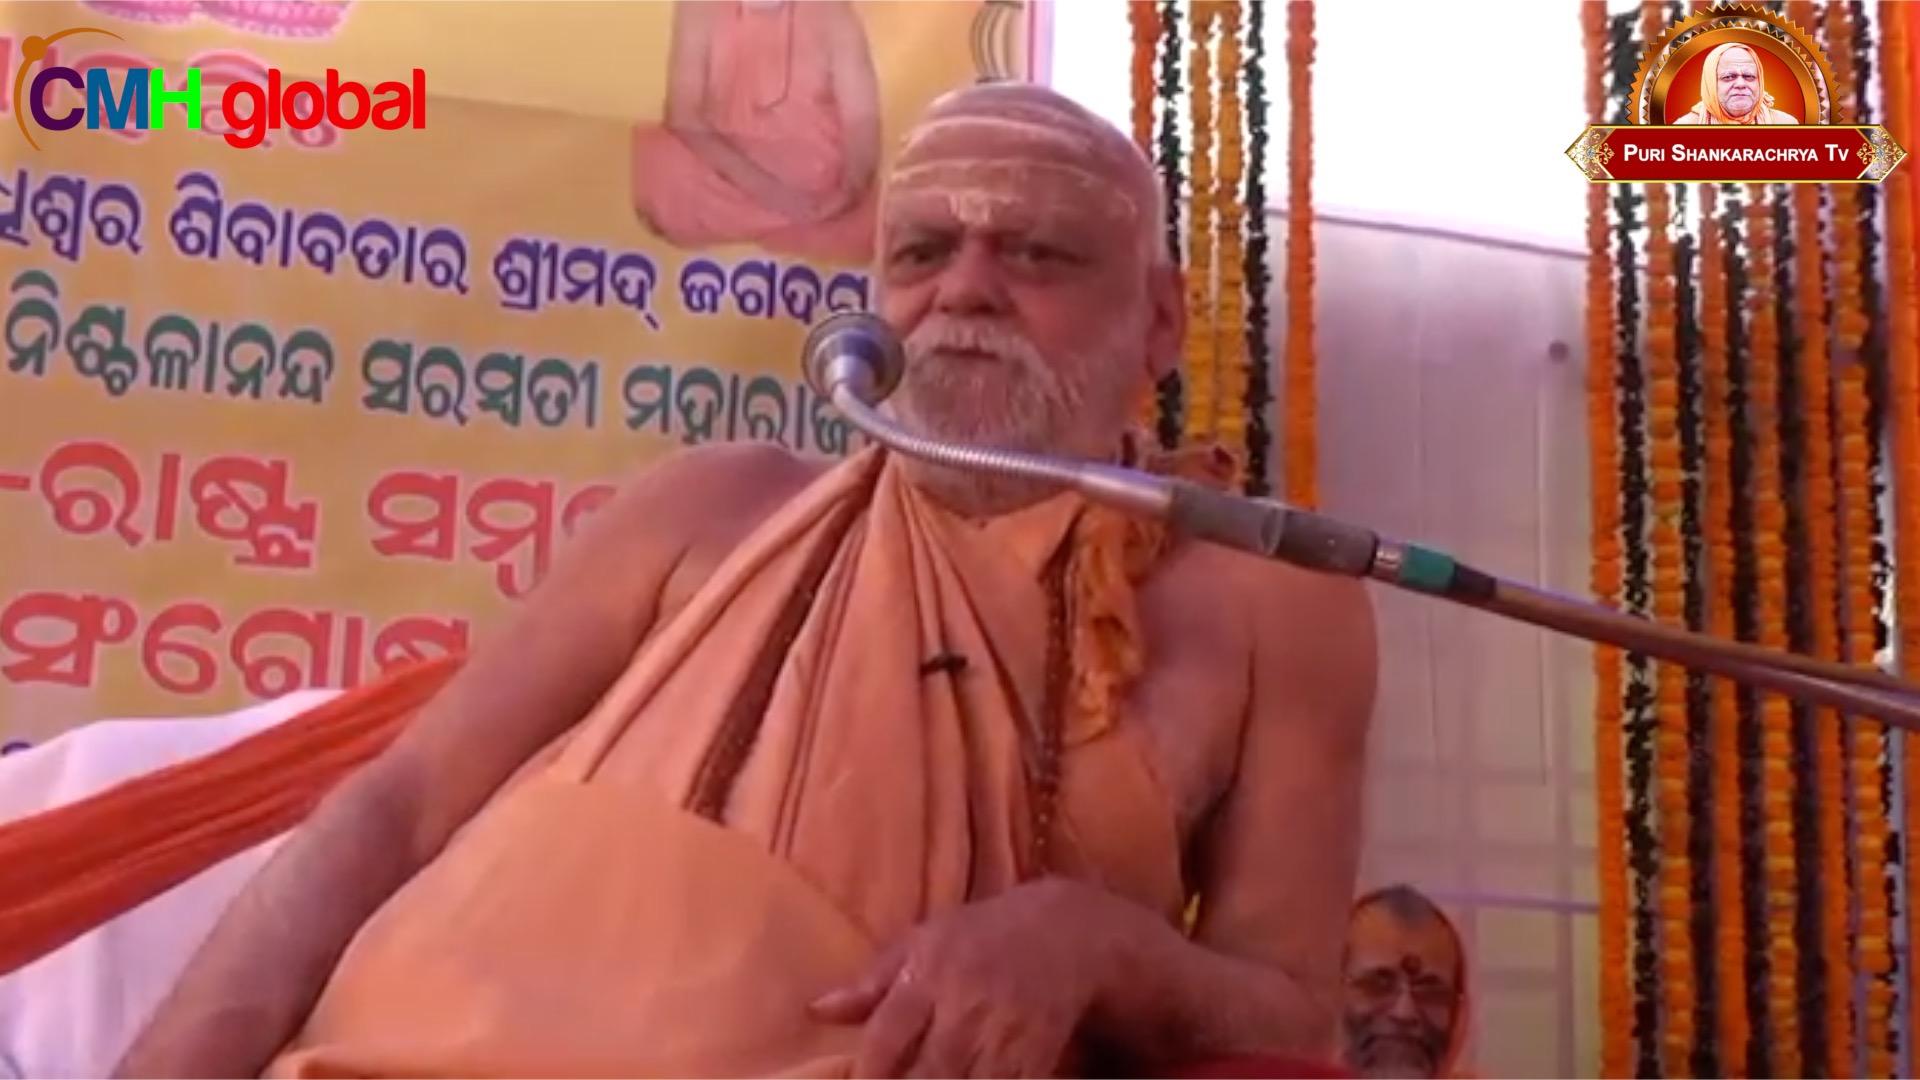 Gyan Dhara Ep -22 by Puri Shankaracharya Swami Nishchalananda Saraswati Ji